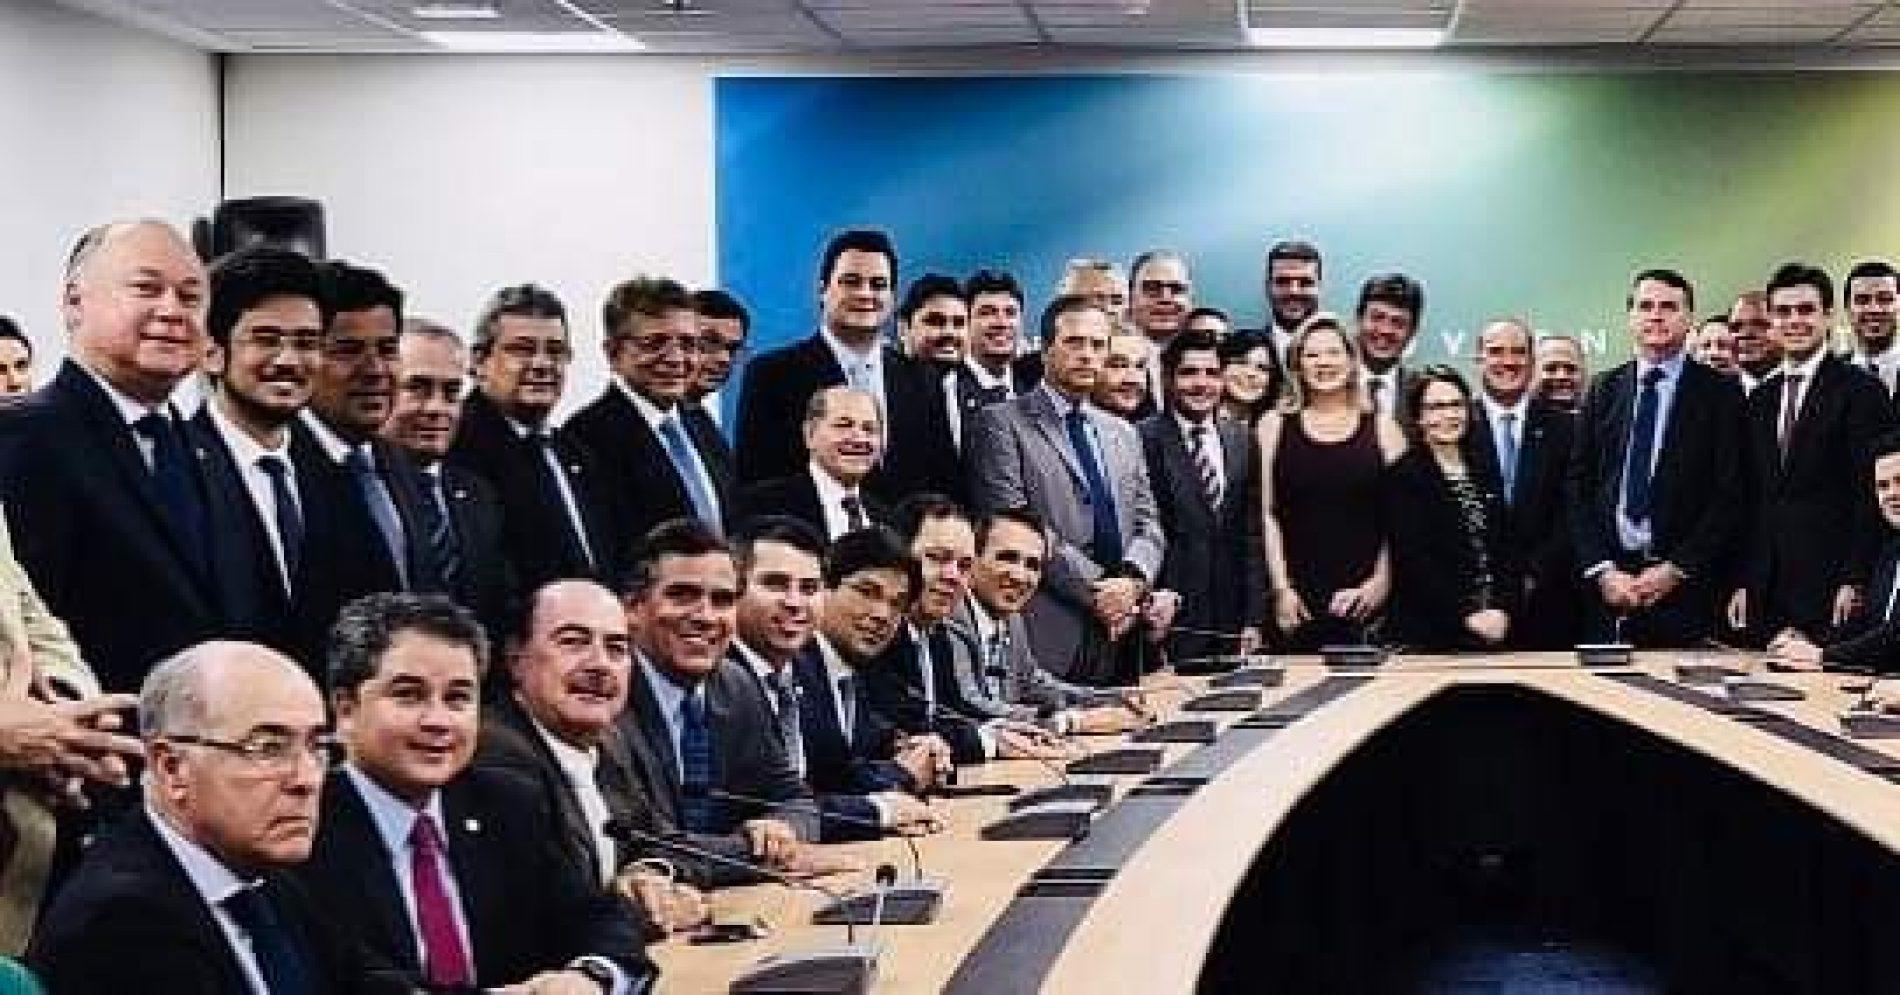 Democratas estará ao lado de Bolsonaro, garante Paulo Azi